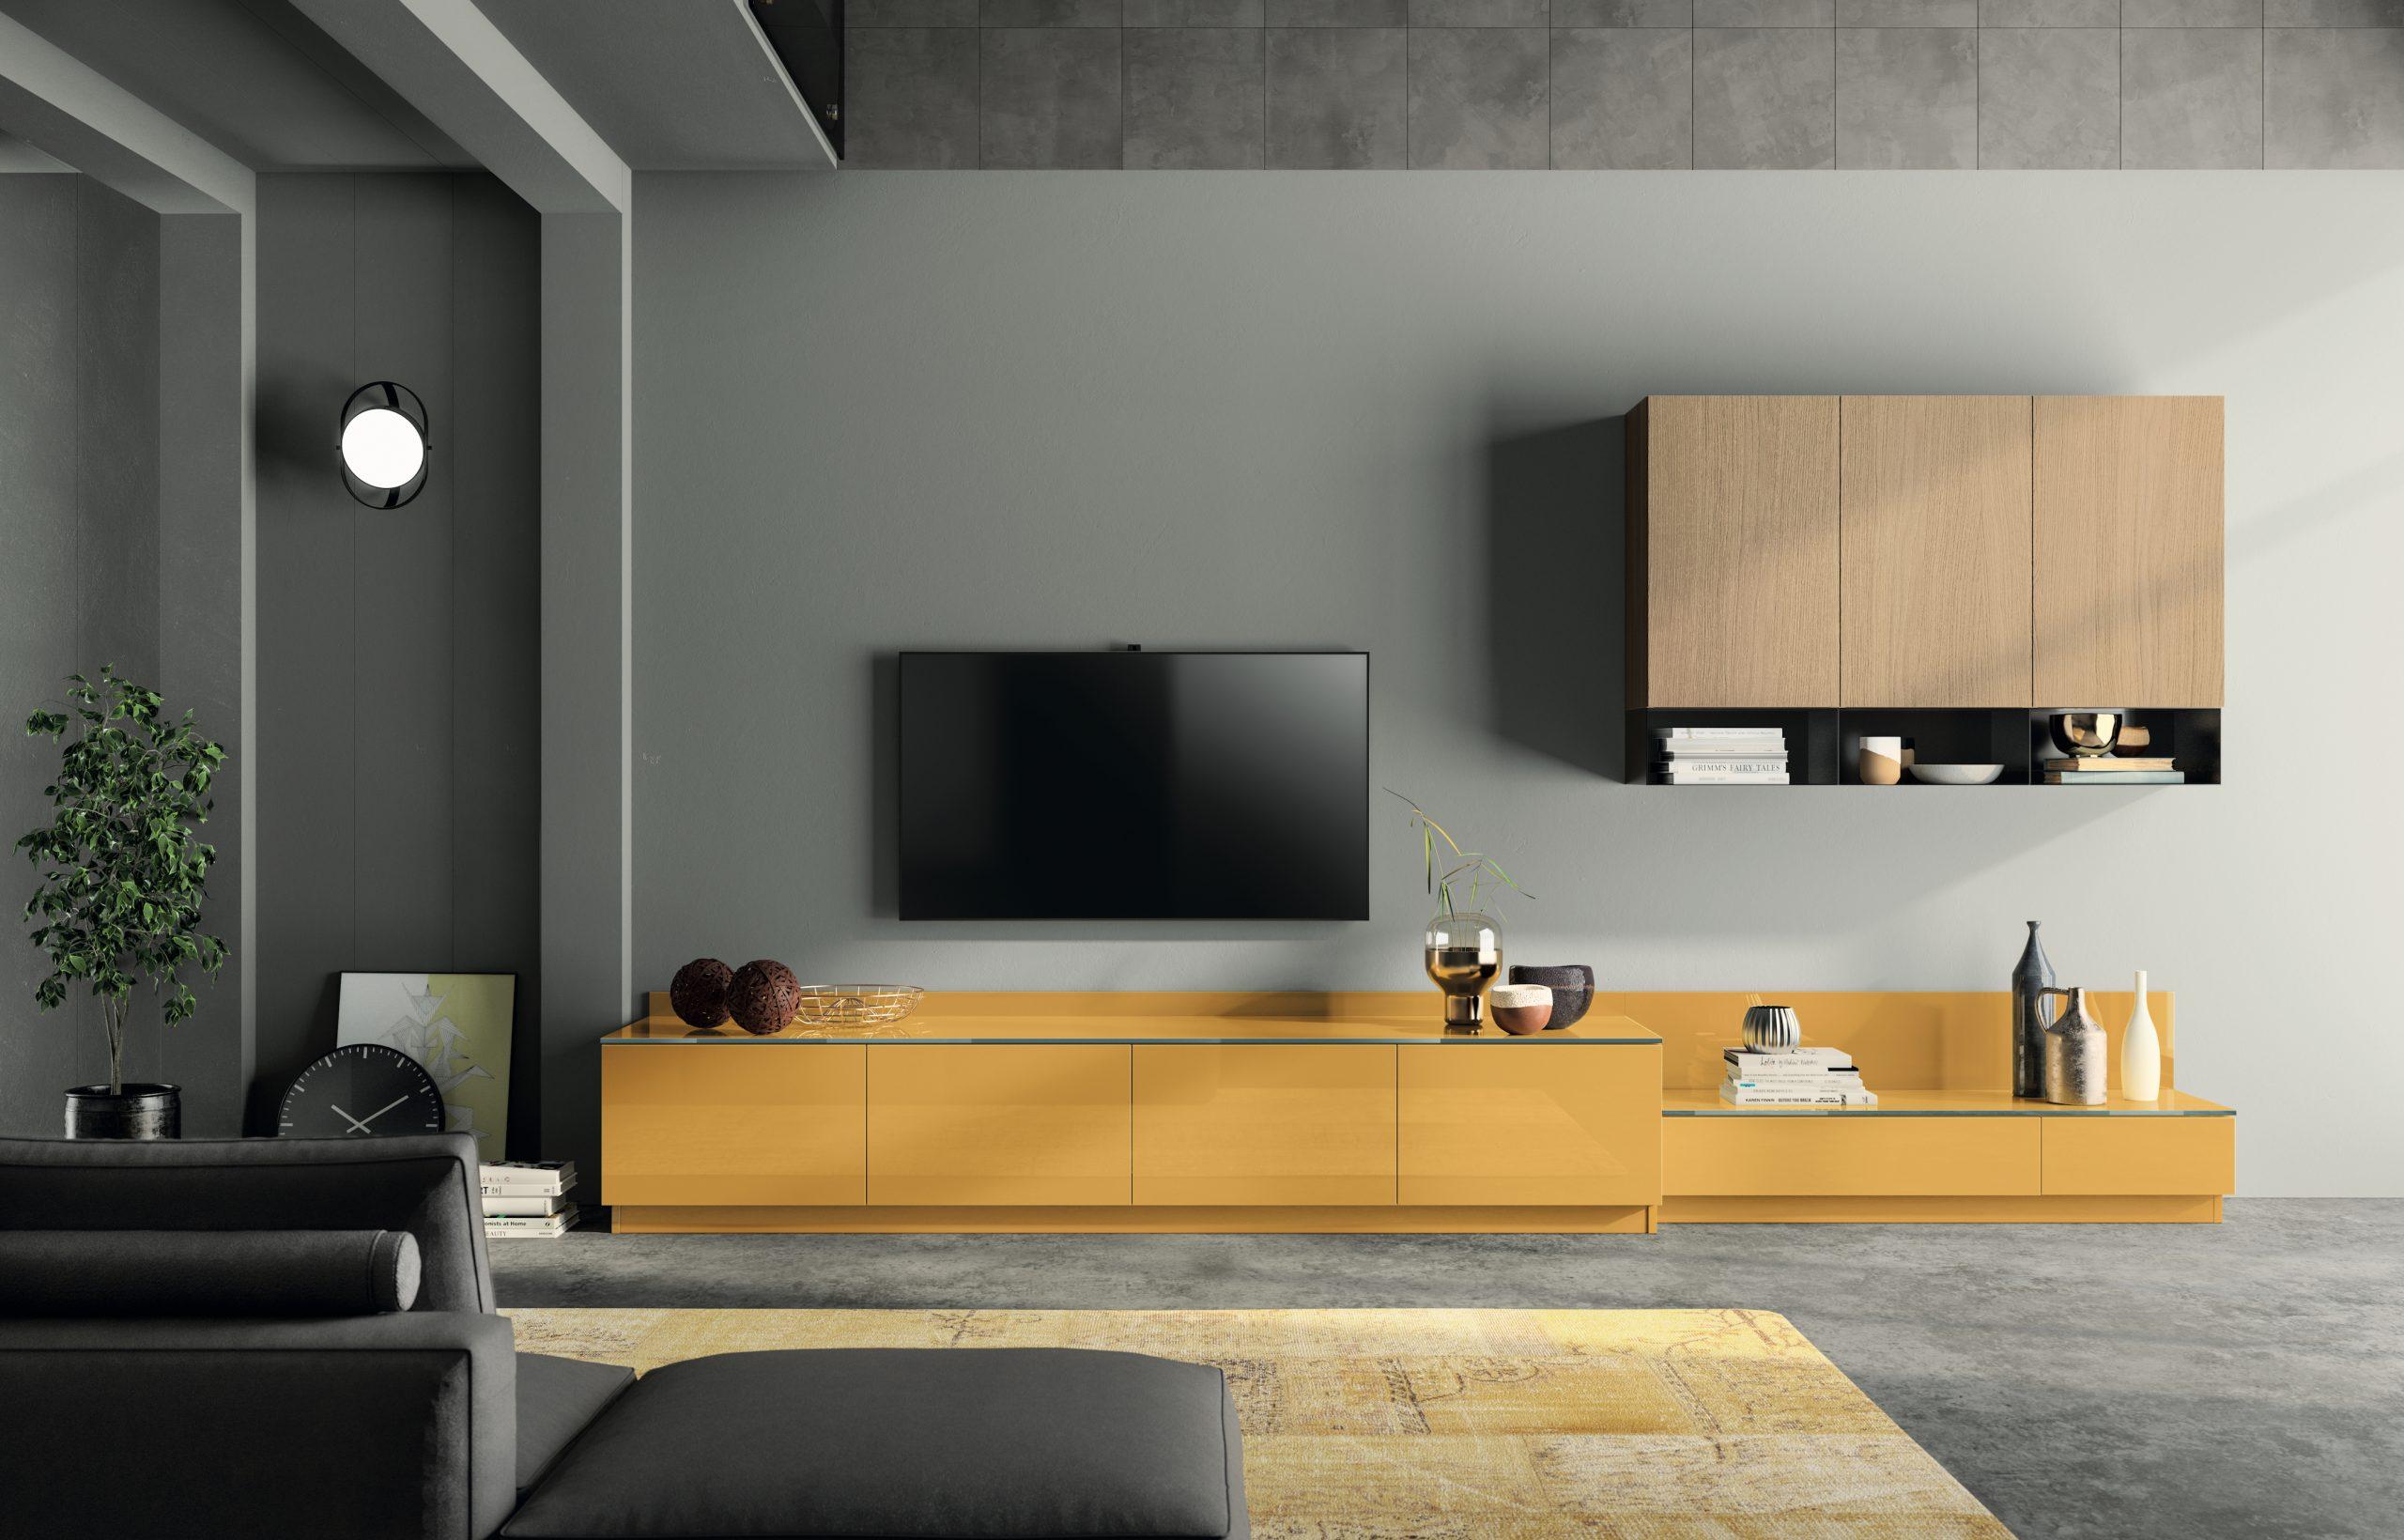 Scavolini Living : Une gamme de mobilier design, modulaire et multifonctionnel